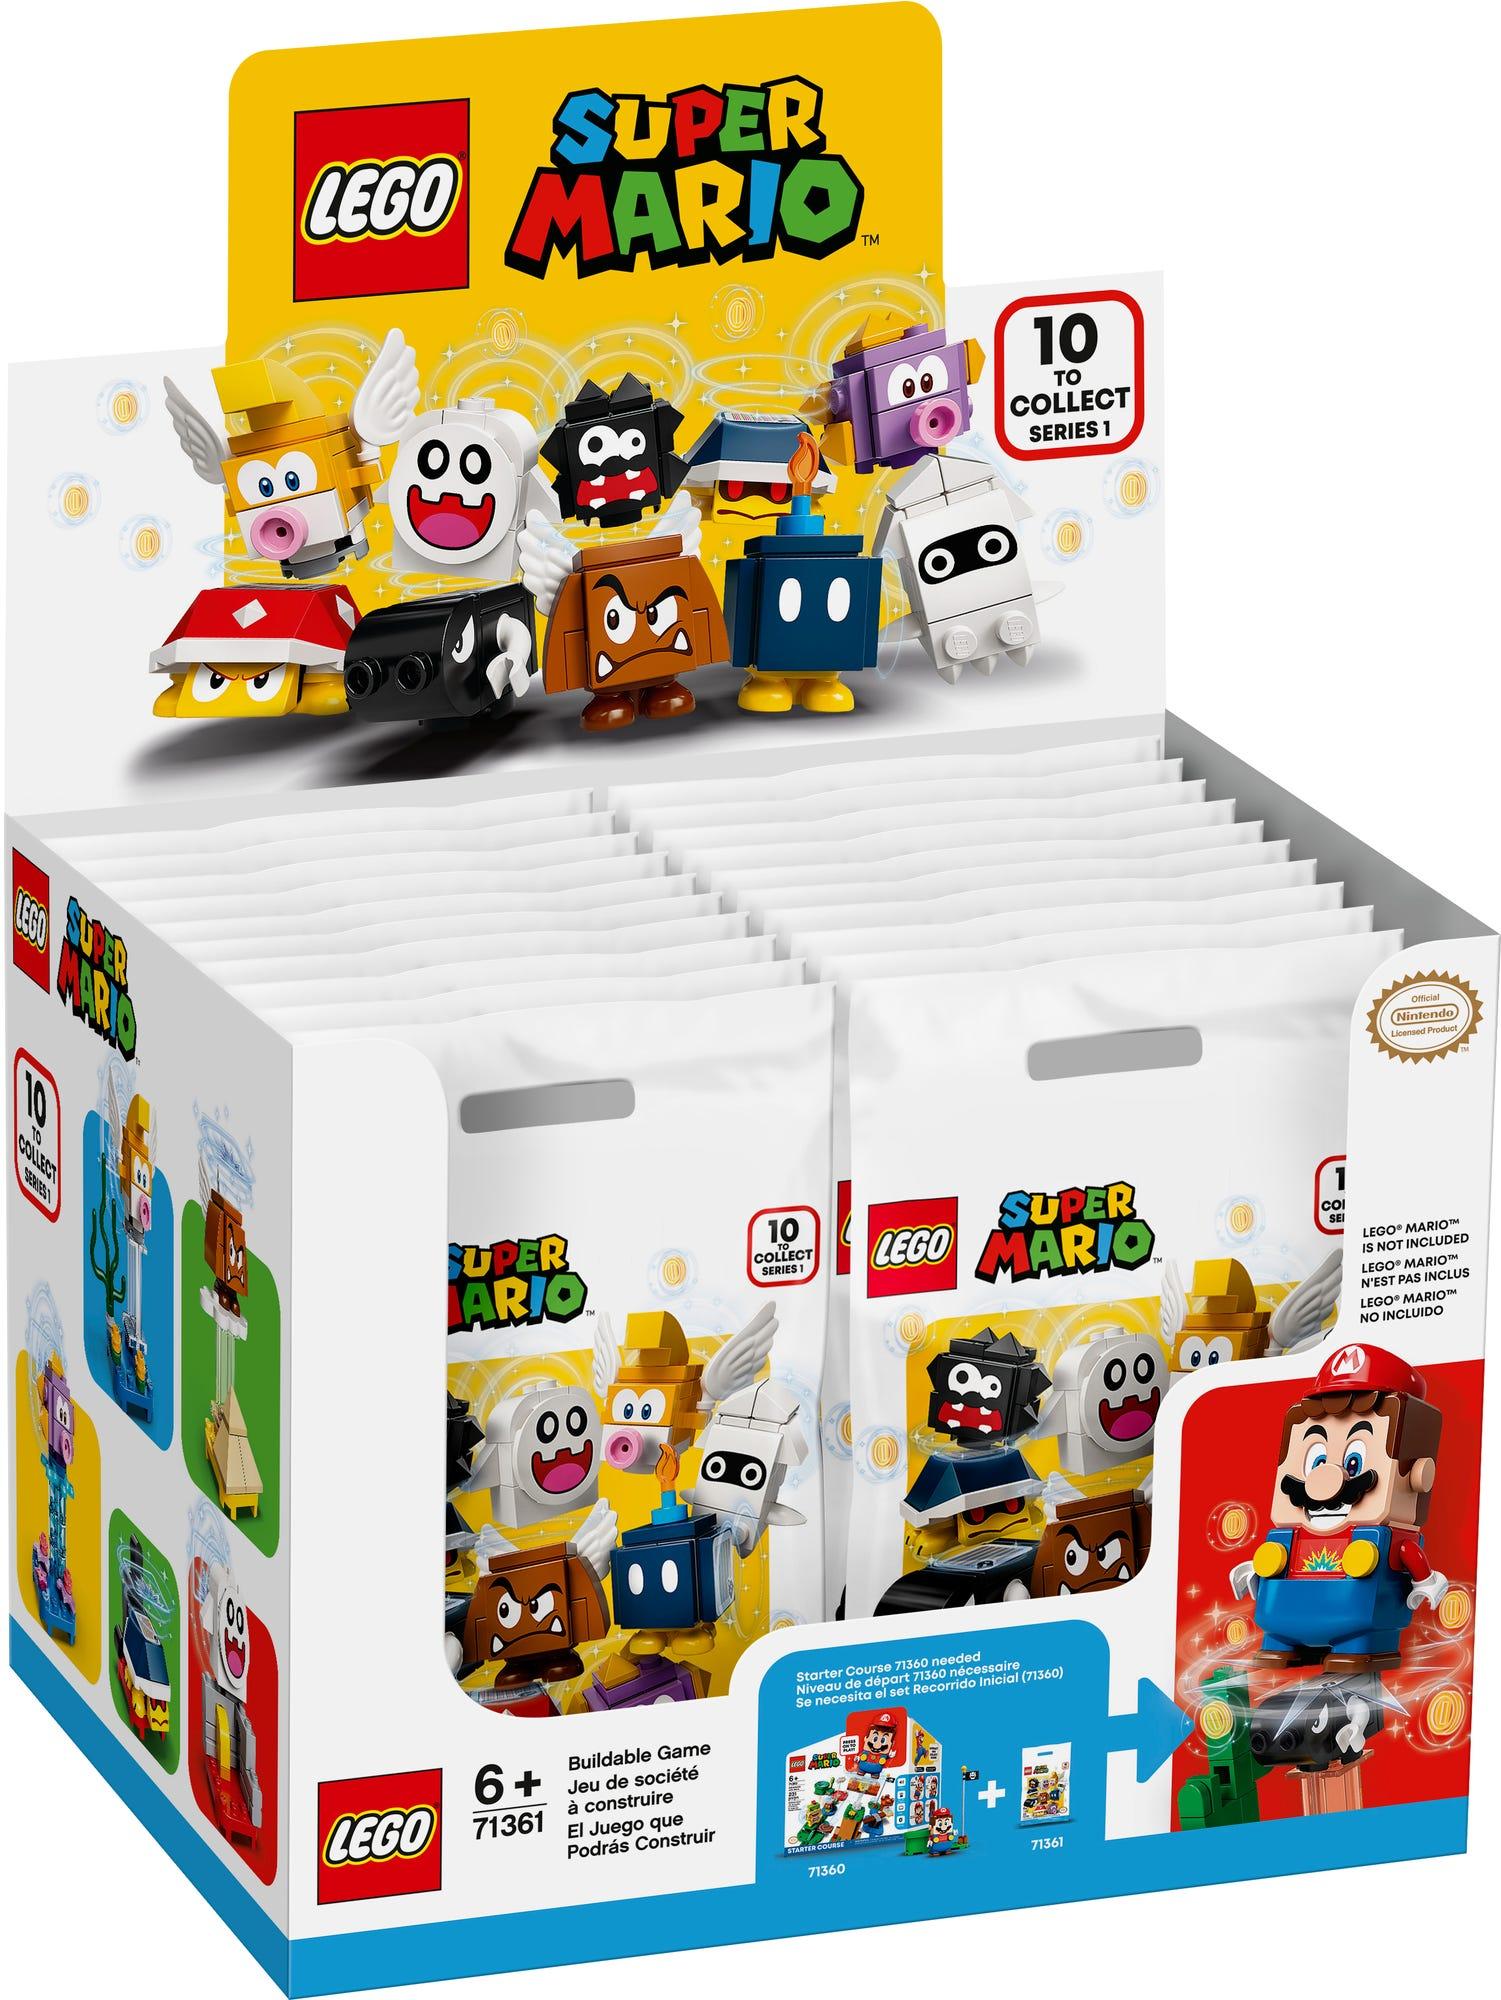 LEGO 71361 LEGO Super Mario Mario Charaktere Serie 3